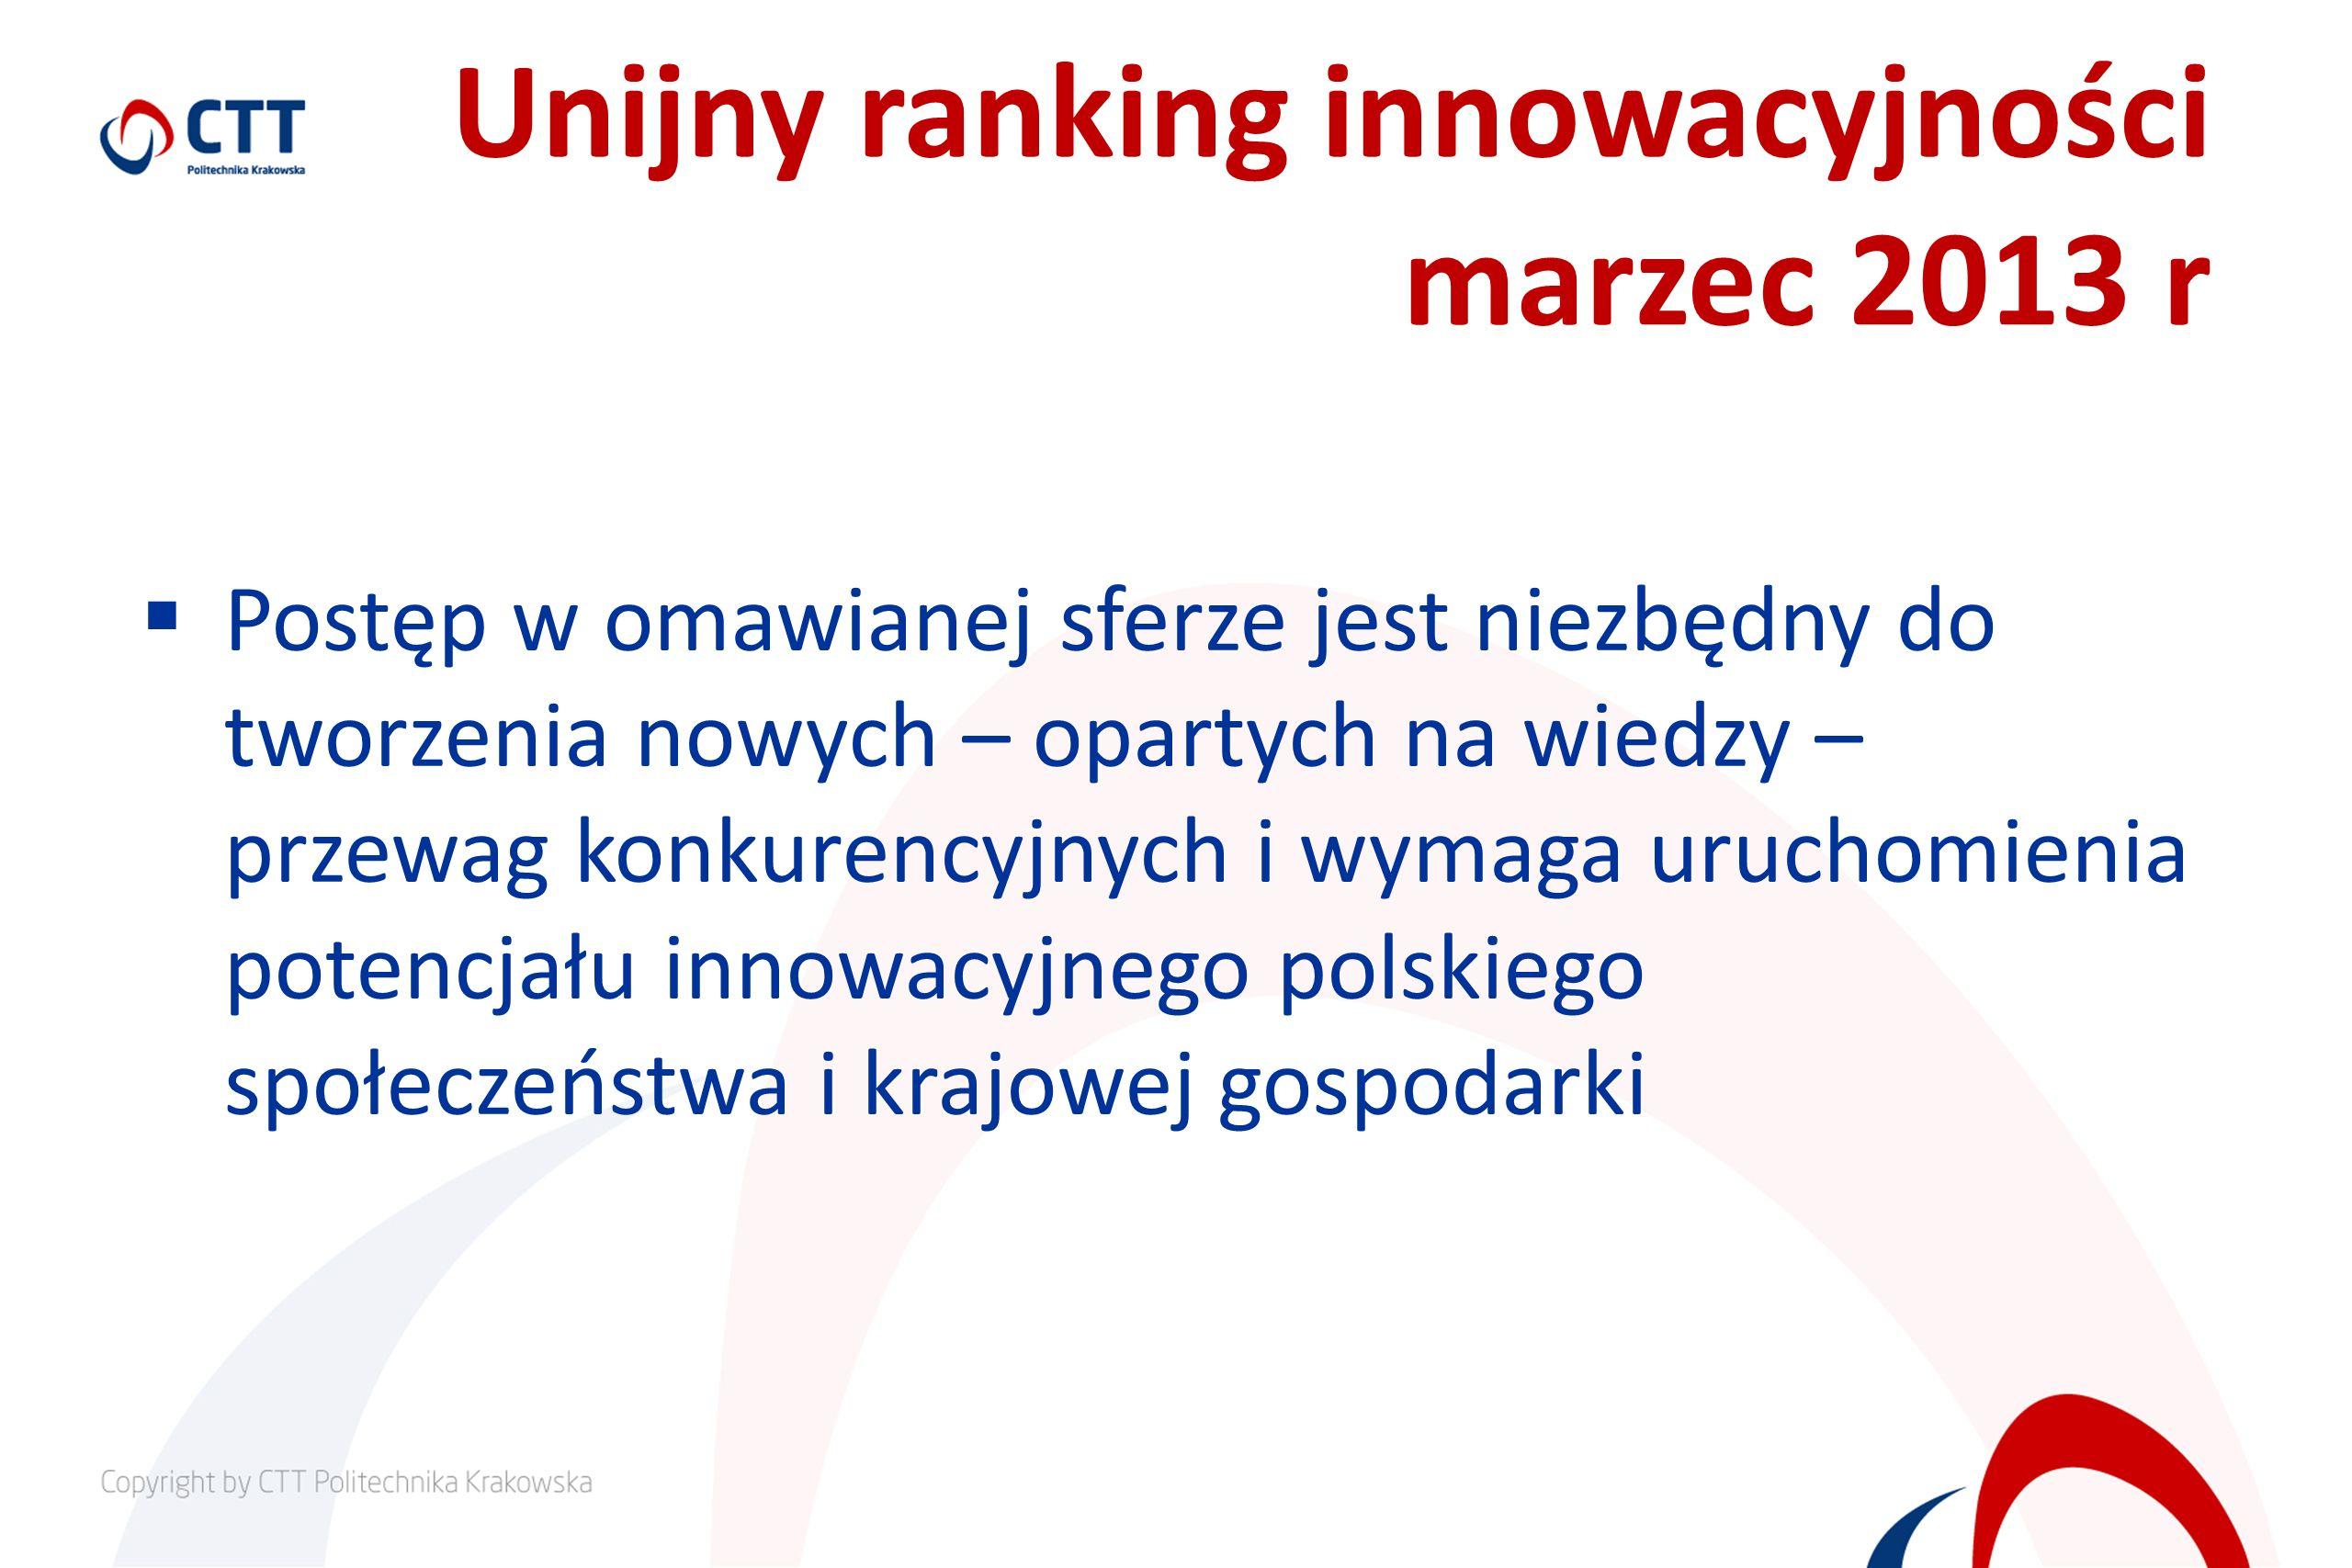 Unijny ranking innowacyjności marzec 2013 r Postęp w omawianej sferze jest niezbędny do tworzenia nowych – opartych na wiedzy – przewag konkurencyjnych i wymaga uruchomienia potencjału innowacyjnego polskiego społeczeństwa i krajowej gospodarki